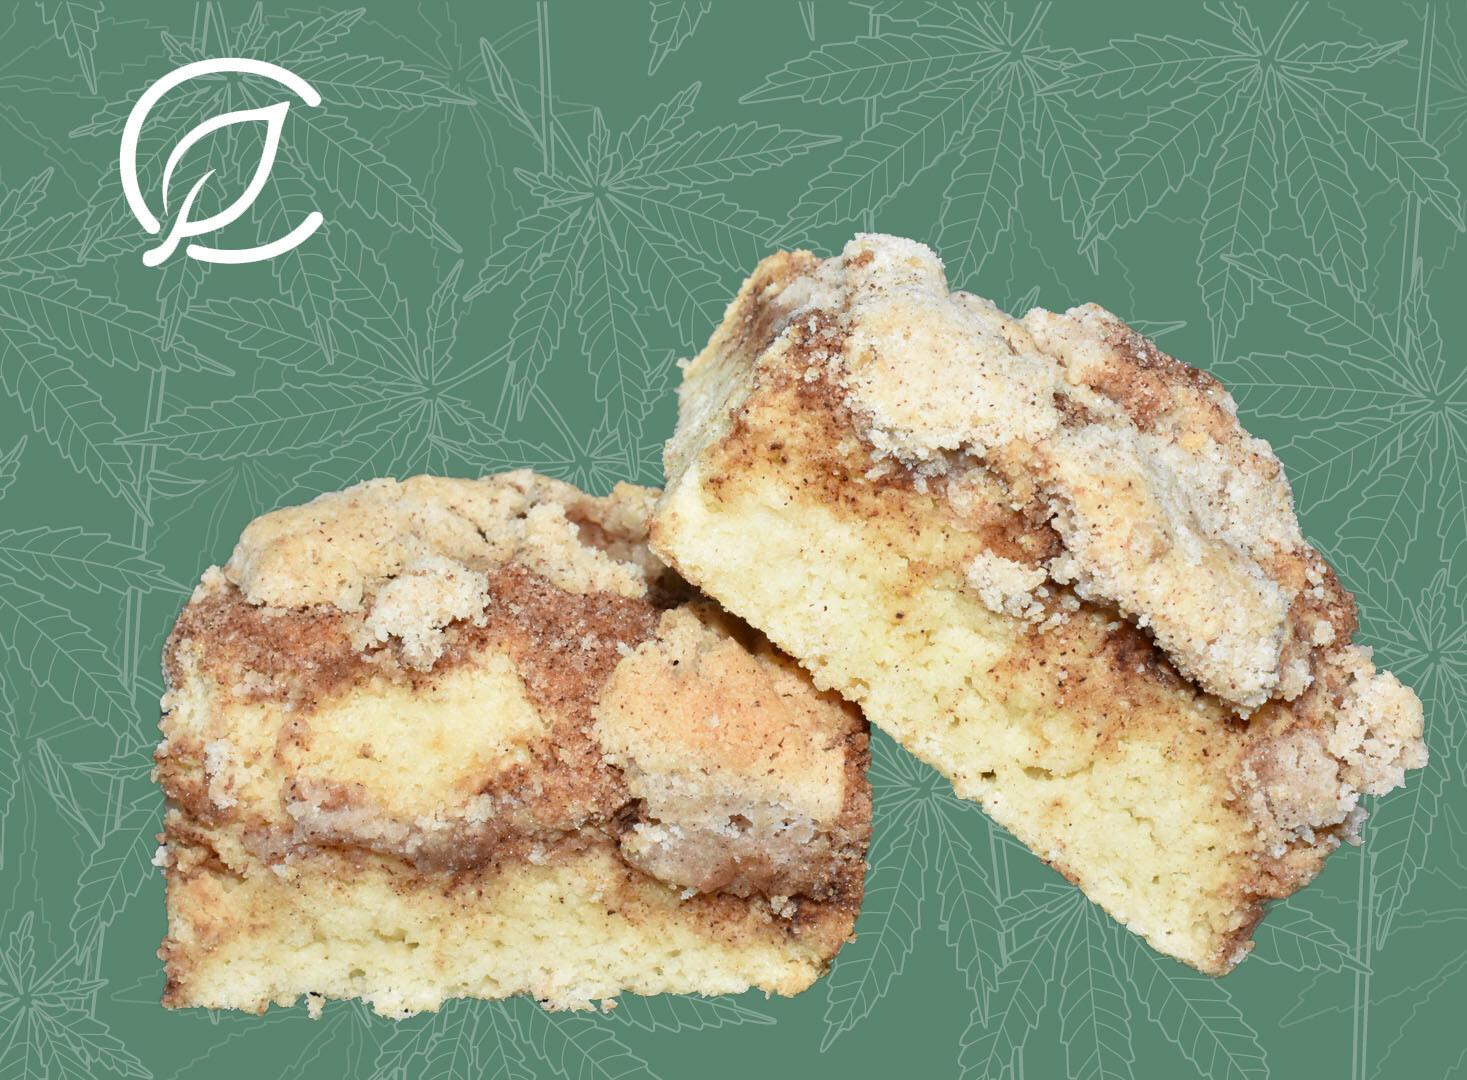 Coffee Cake Bars 10228 Edible - 2 Pack (Curaleaf)